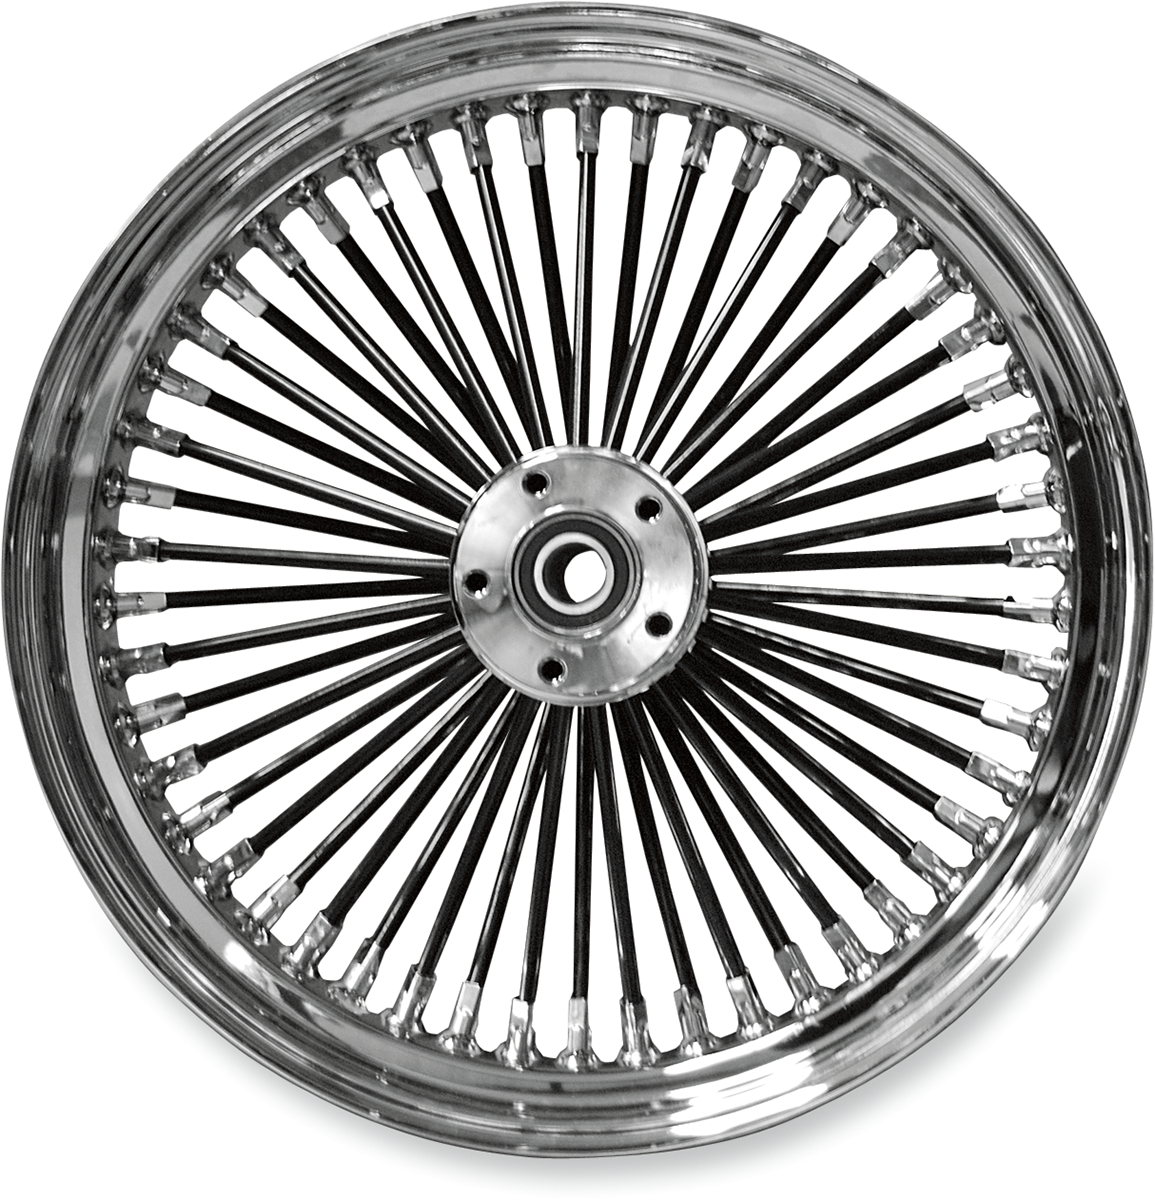 Wheel Ft 21 50 8 18abs Bk